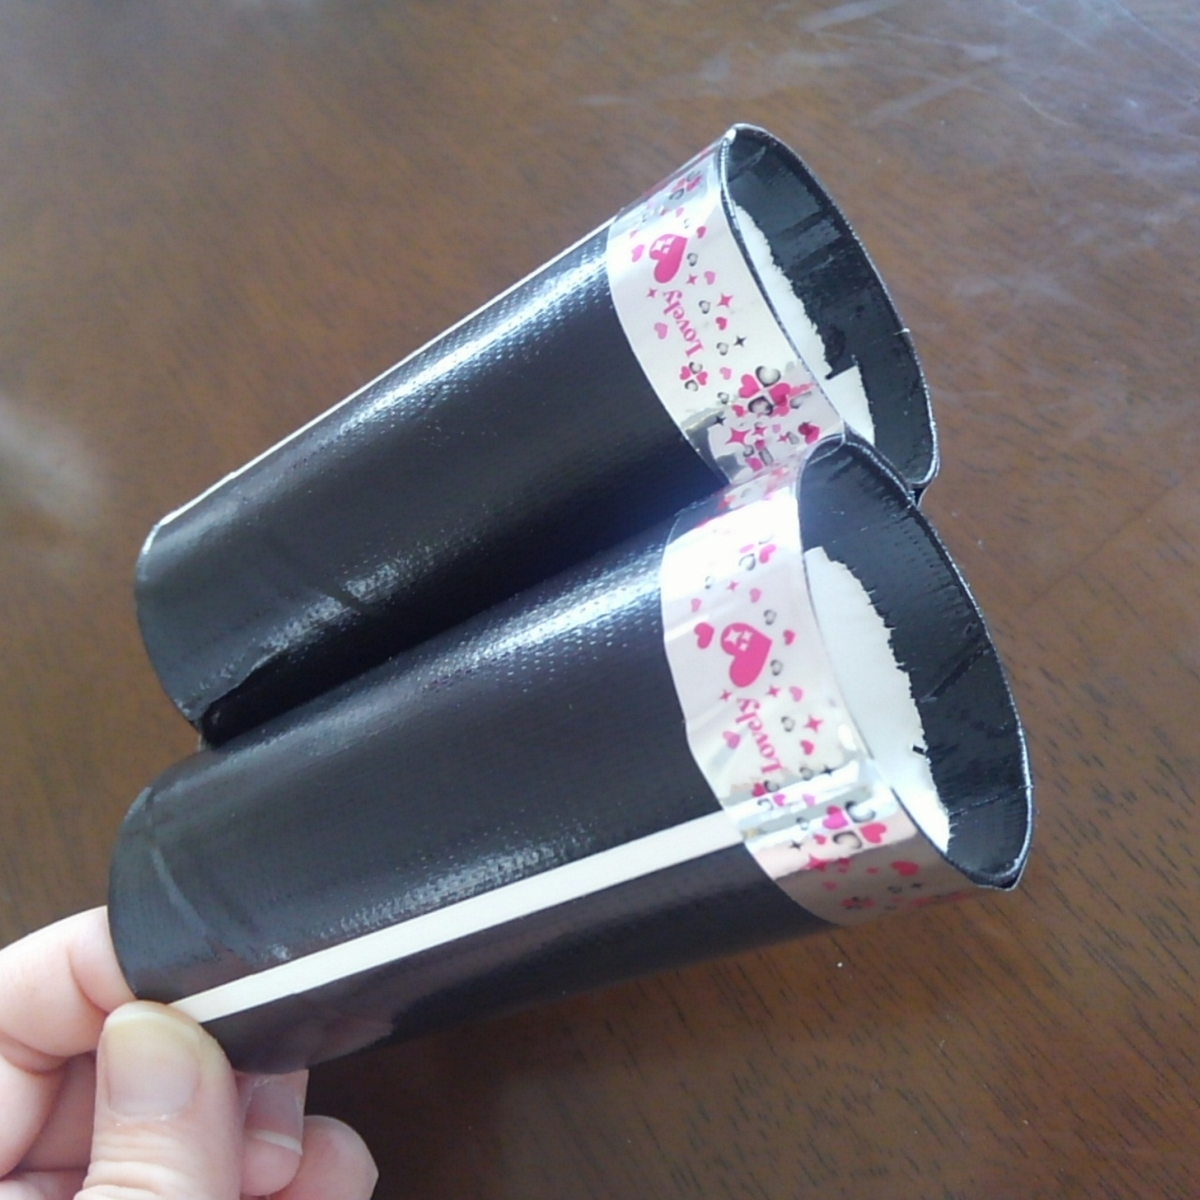 トイレットペーパーの芯 工作 双眼鏡